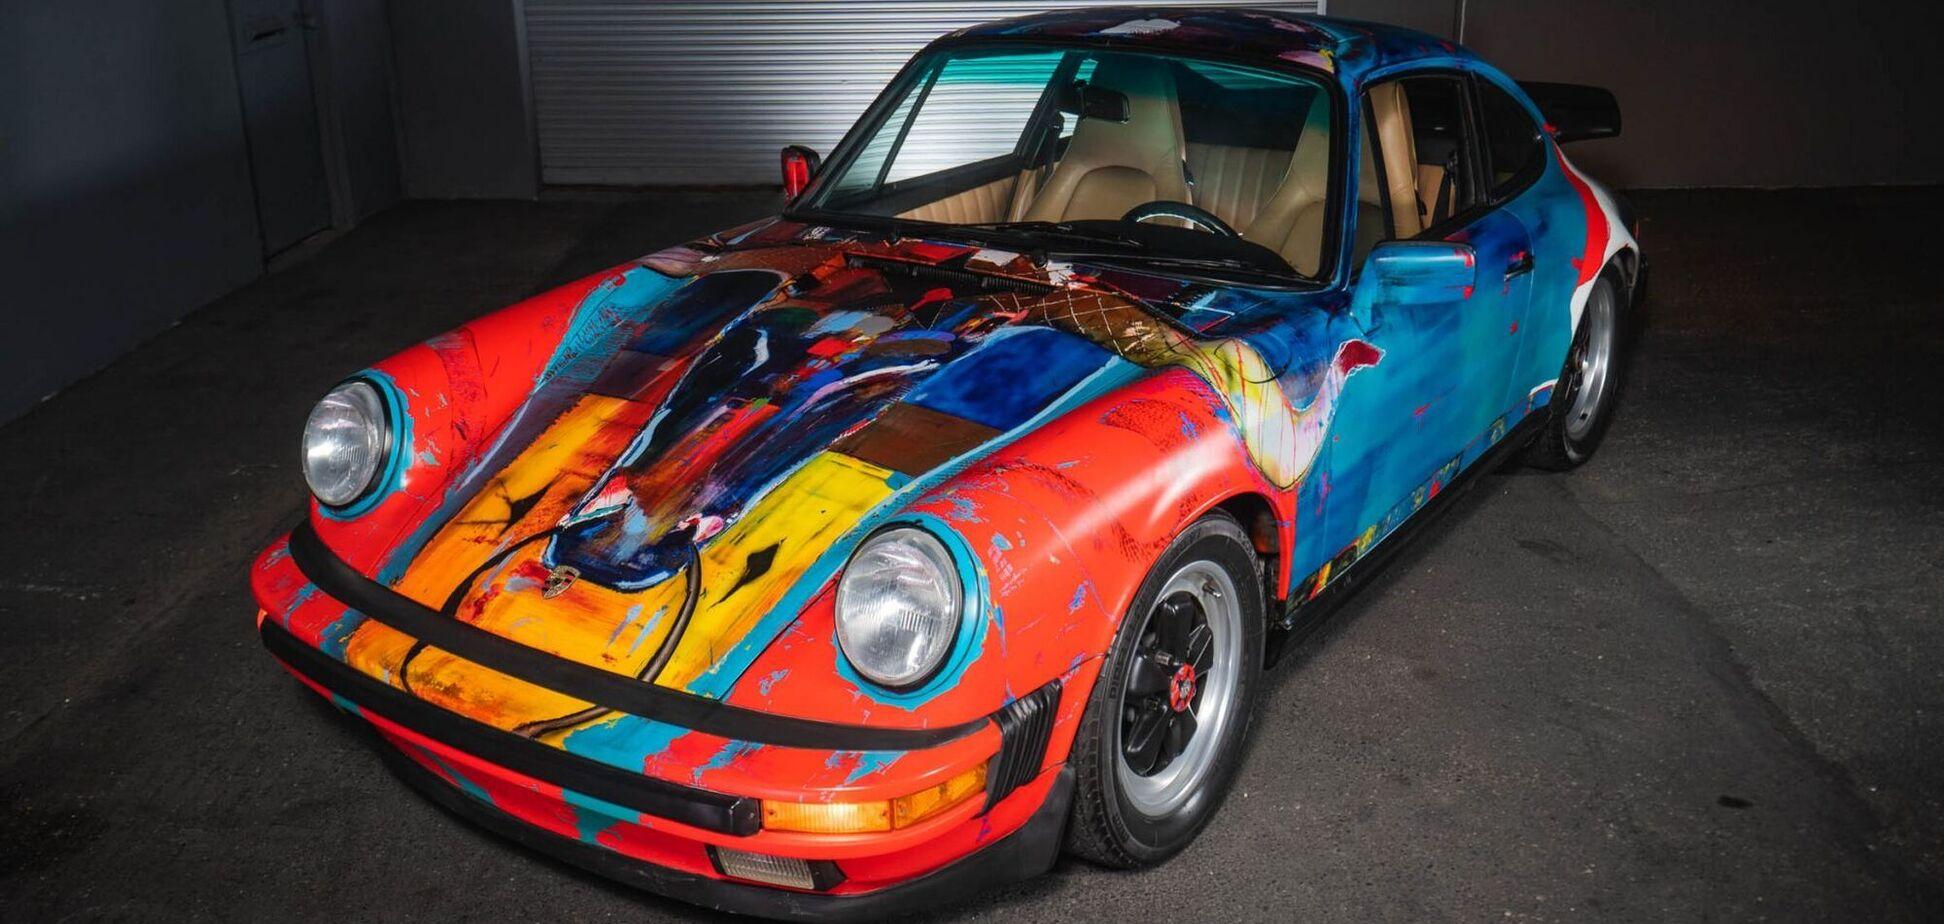 Культовый Porsche 911 превратили в арт-объект